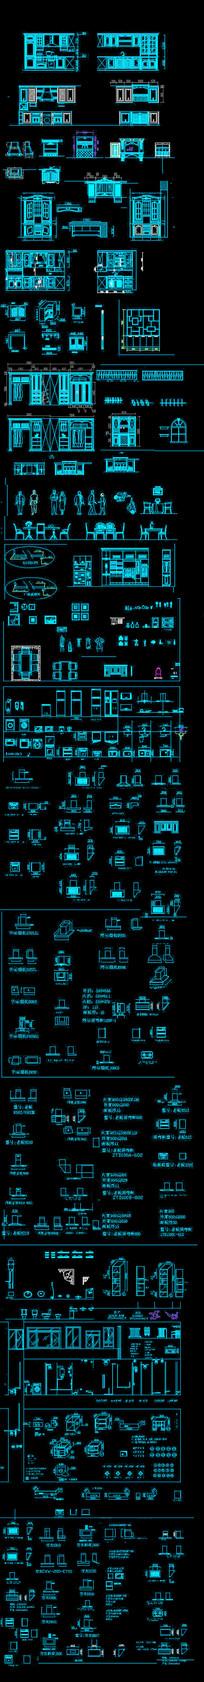 橱柜模块CAD图块素材